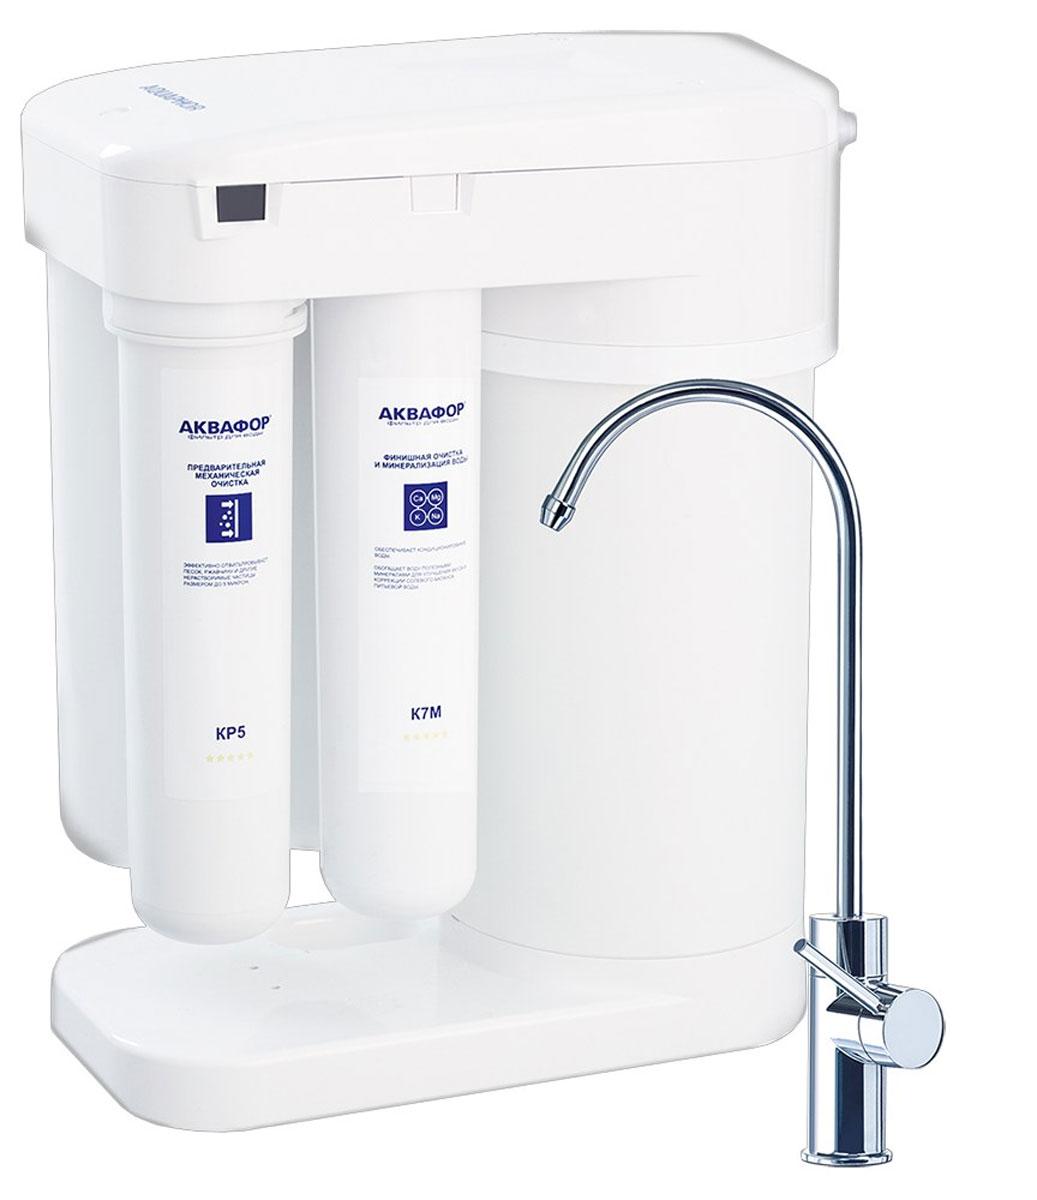 Автомат питьевой воды Аквафор Морион DWM-101SDWM-101Сверхкомпактная система обратного осмоса DWM 101S Морион обеспечивает повышенную скорость фильтрации, экономичное и простое обслуживание, большой запас чистой воды и, конечно же, превосходное качество очистки. Высокотехнологичная система автоматики позволяет использовать Аквафор DWM-101S при низком давлении в водопроводе без дополнительного насоса и экономить до 9 тонн воды в год. Входящий в комплект минерализатор восстанавливает оптимальное соотношение неорганических солей, что способствует вашему здоровью и долголетию. Обратите внимание! Данная модификация Аквафор Морион DWM-101S комплектуется мембранным модулем К-50S. Внимательно выбирайте новый модуль К-50S на замену. Сменный мембранный модуль К-50 для Вашего DWM не подходит! Время набора полного бака: 60 минут (в среднем). Производительность: 7,8 л/час. Чистая вода/Дренаж: 1л / 4л. Полная комплектация, включенная в стоимость фильтра: 1. Модуль K5 -...